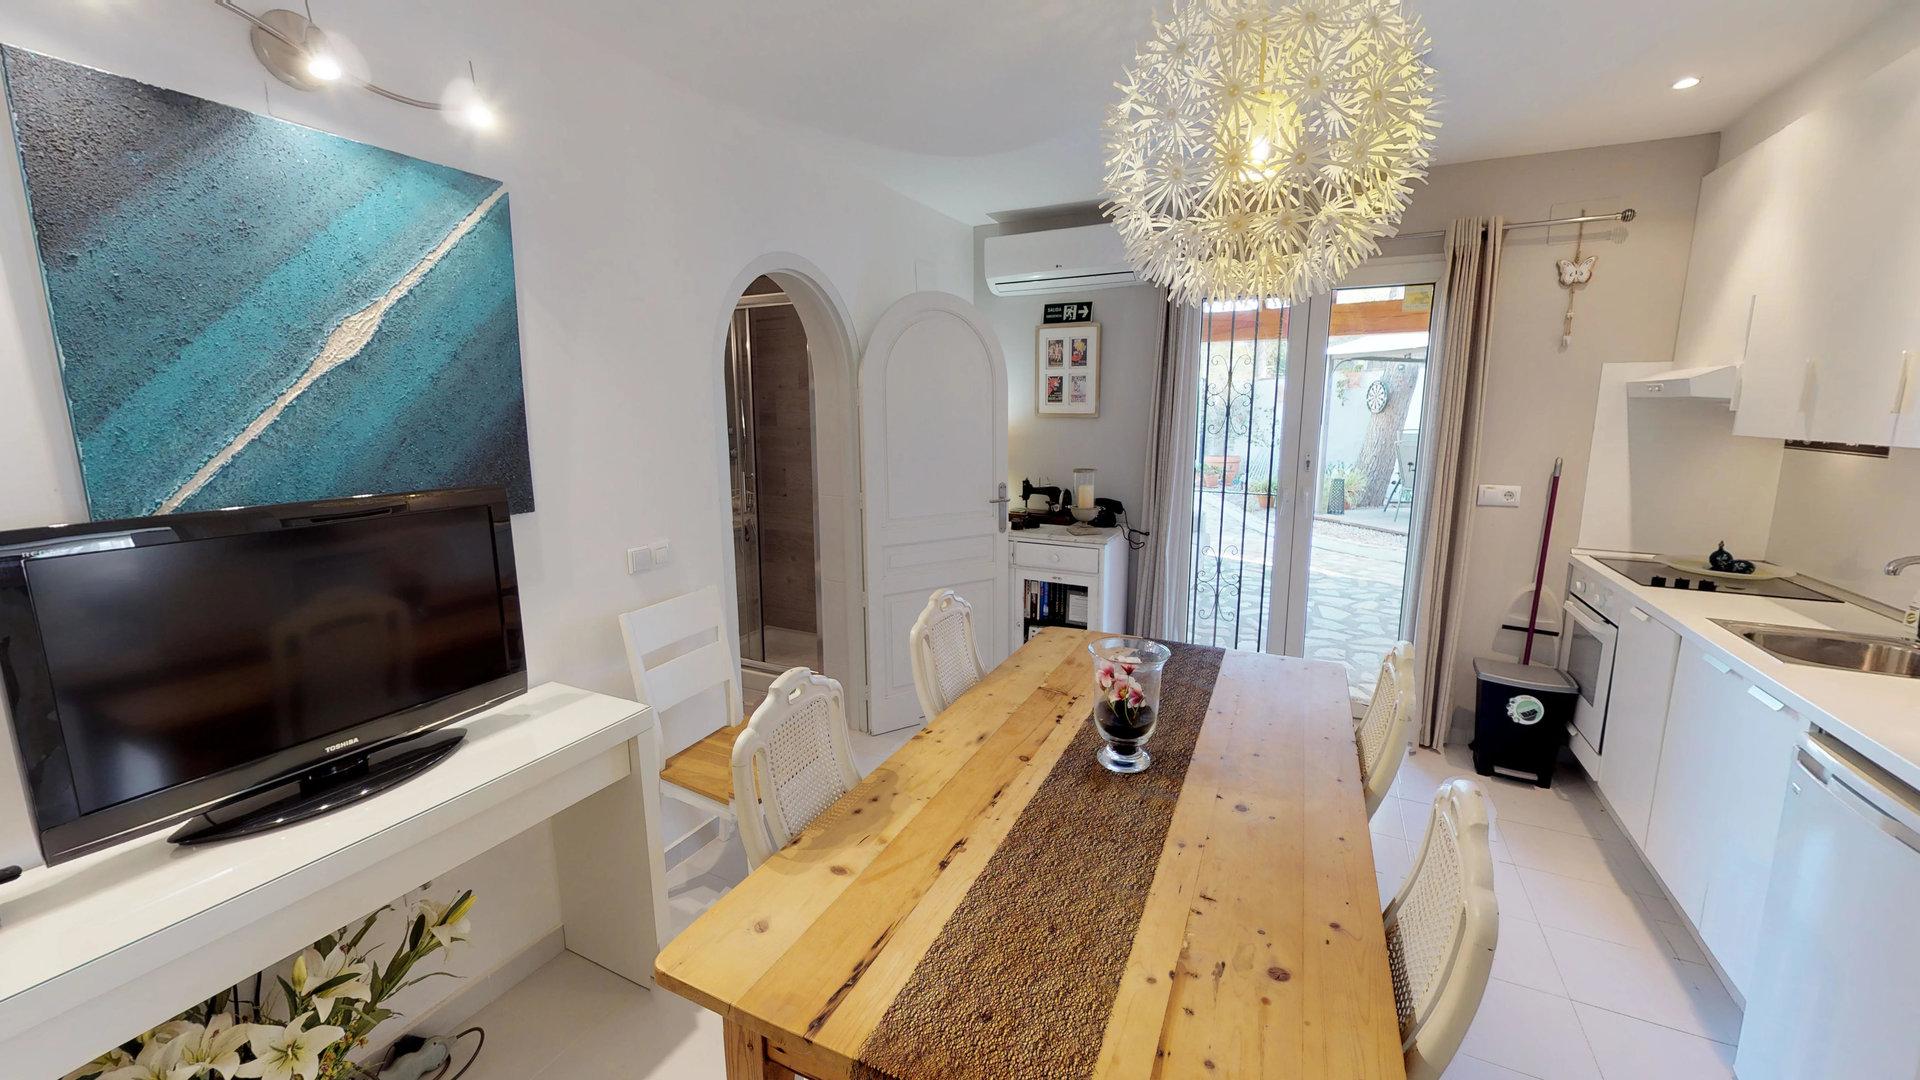 Villa dans un environnement verdoyant avec 3 appartements et une chambre